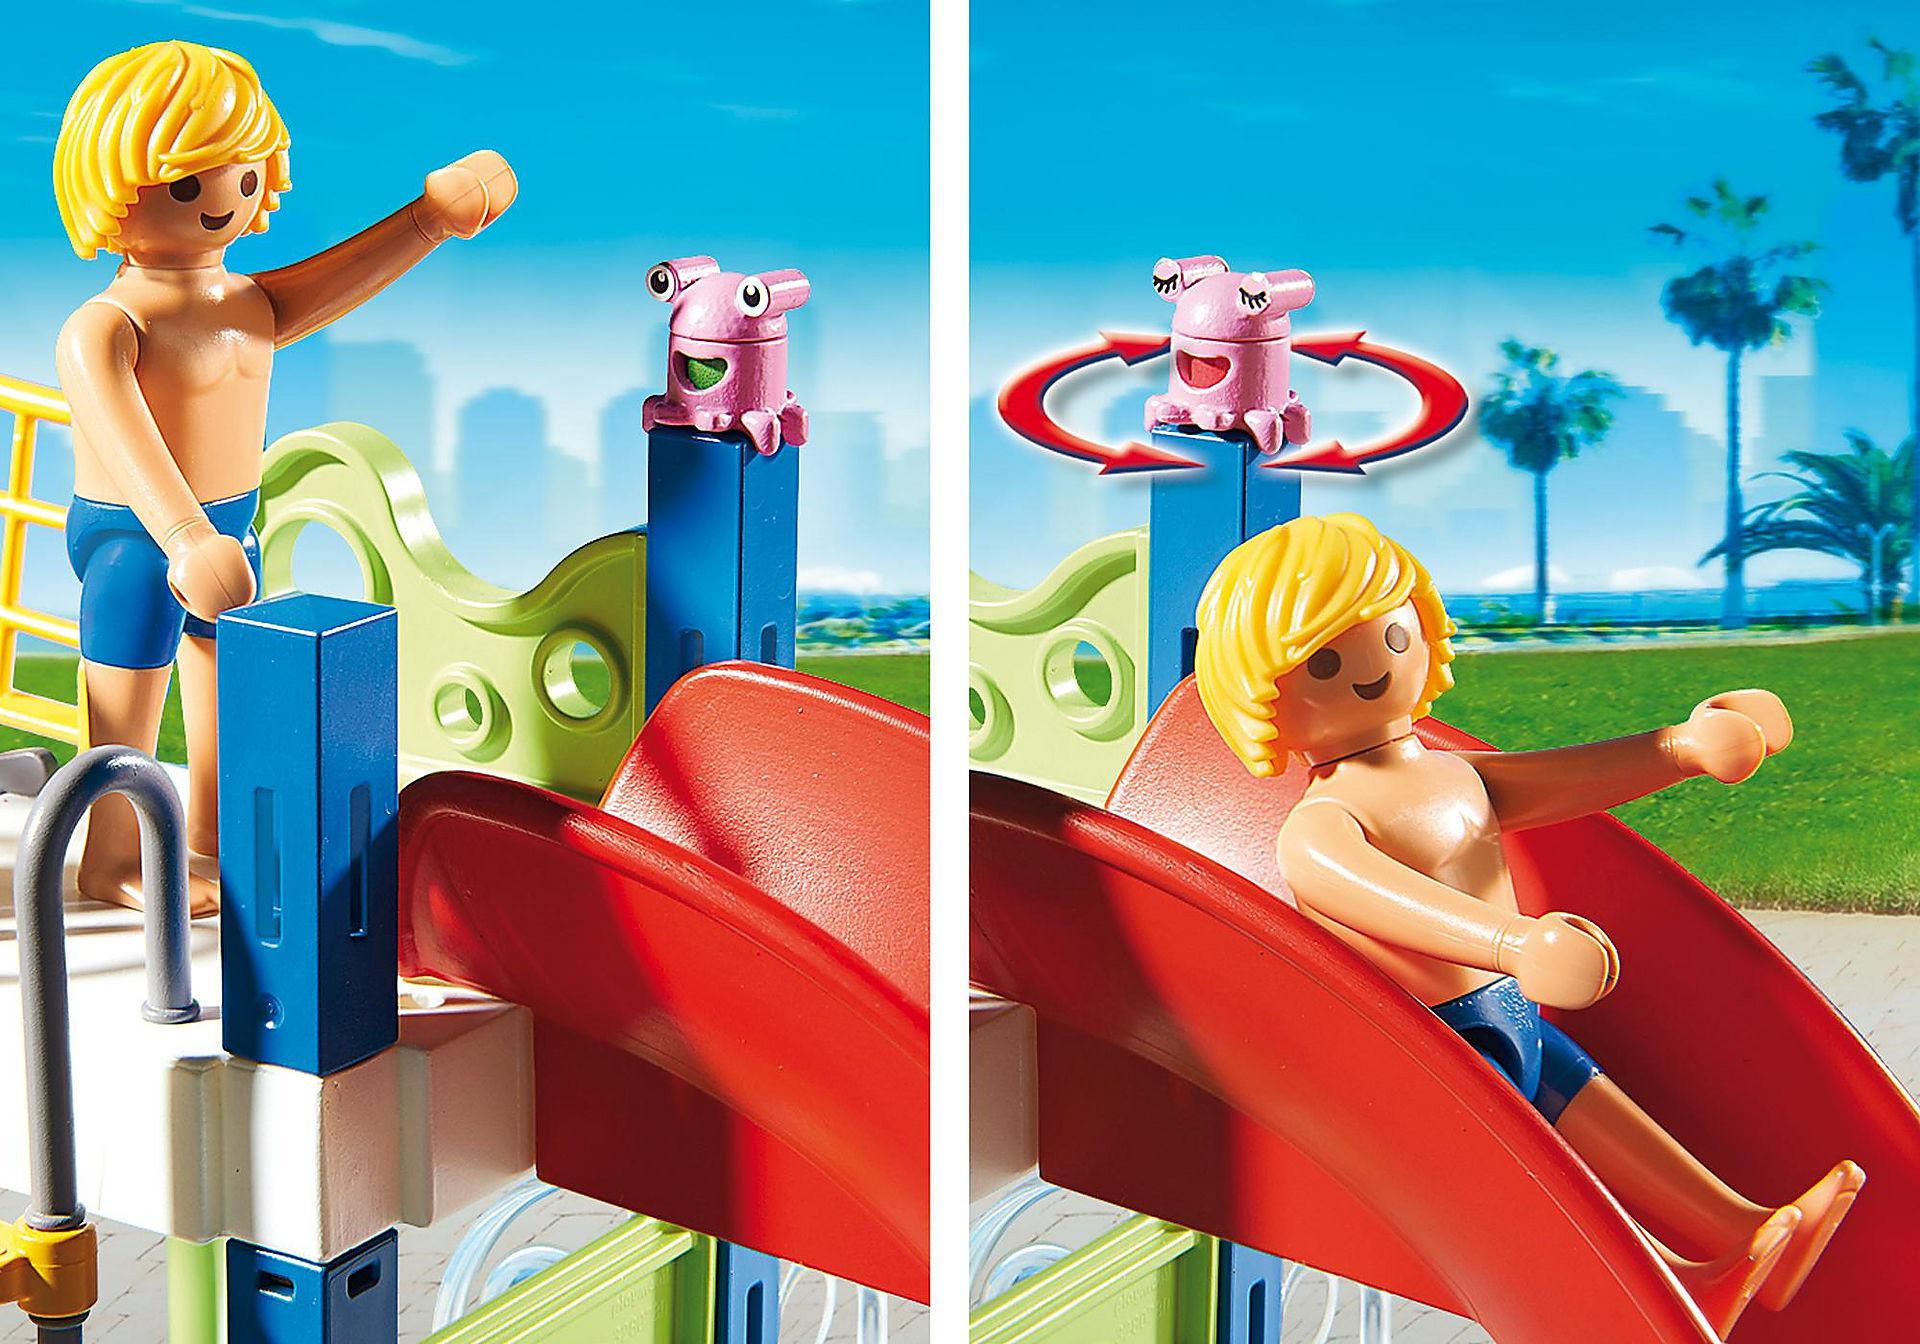 http://media.playmobil.com/i/playmobil/6670_product_extra2/Zona de Juegos Acuática